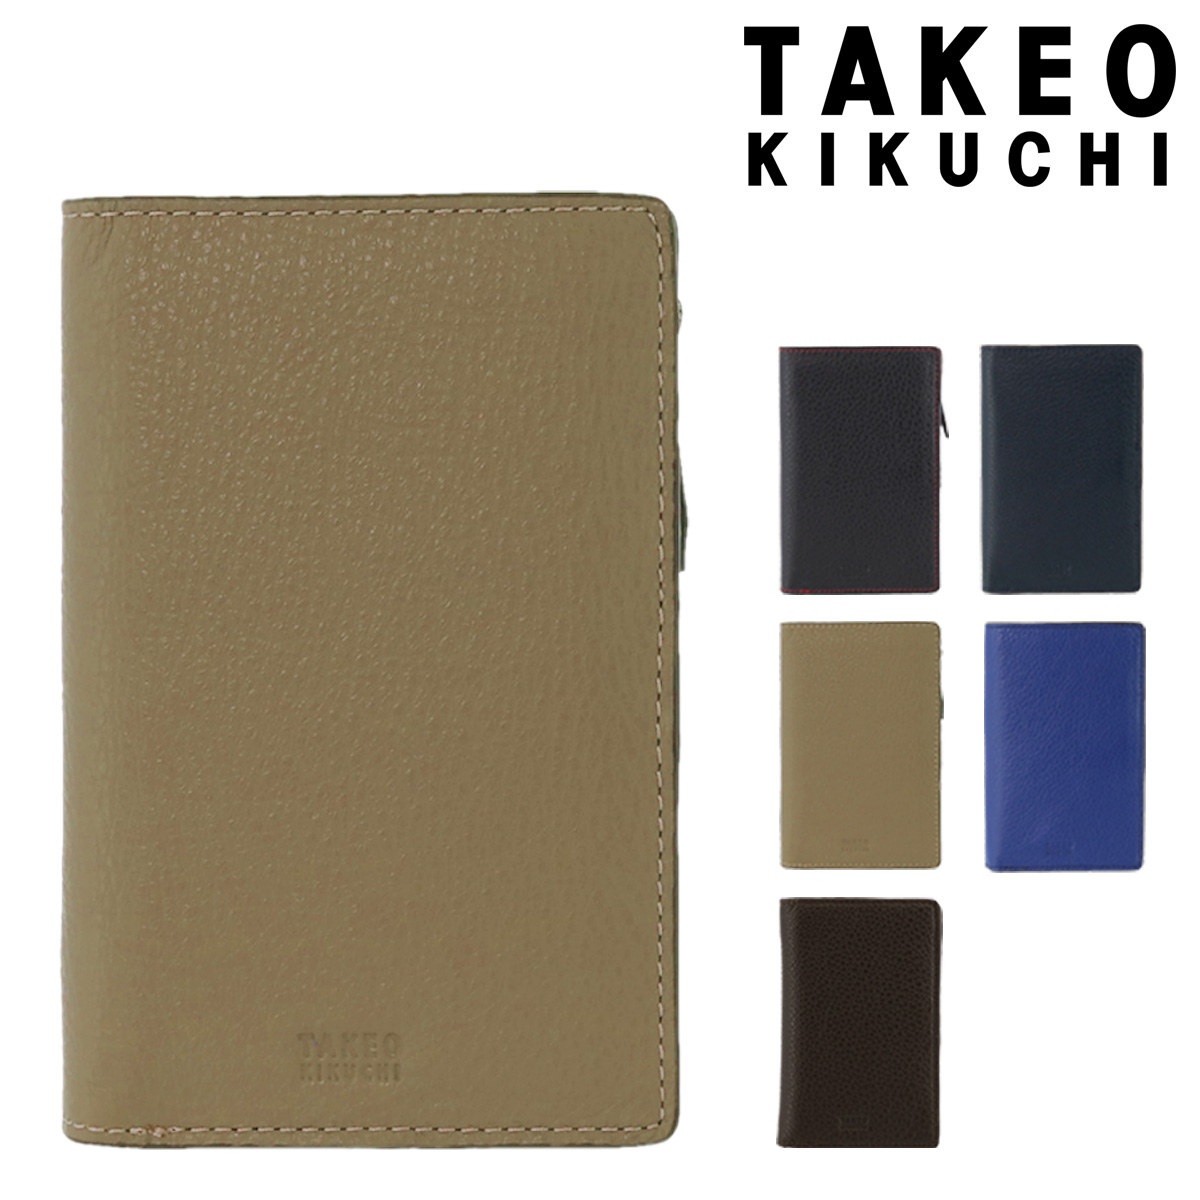 タケオキクチ 二つ折り財布 ミニ財布 ヴィーブ メンズ2012119 TAKEO KIKUCHI 本革 レザー [PO5][bef][即日発送]